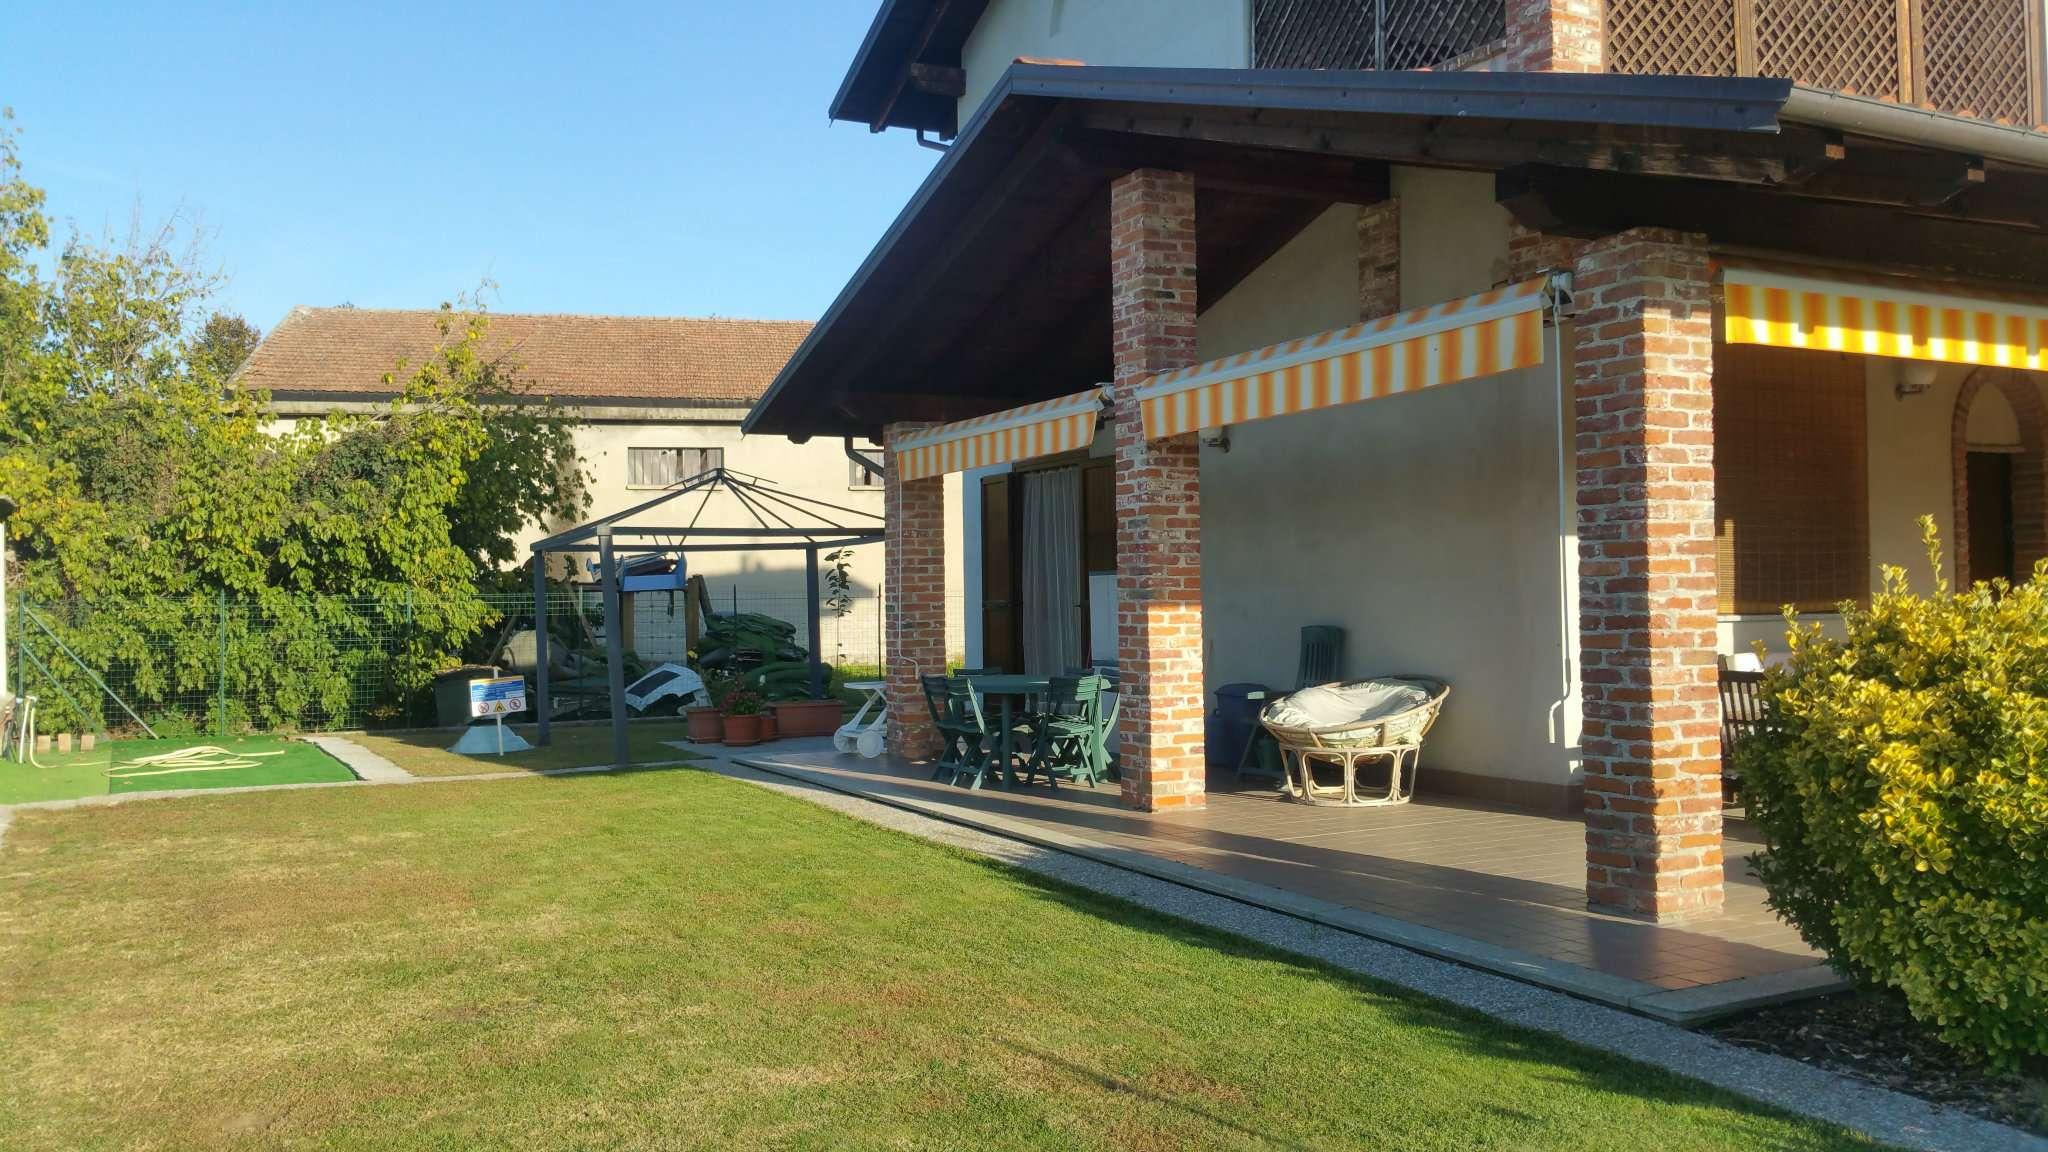 Villa in vendita a San Giorgio Canavese, 6 locali, prezzo € 259.000 | CambioCasa.it